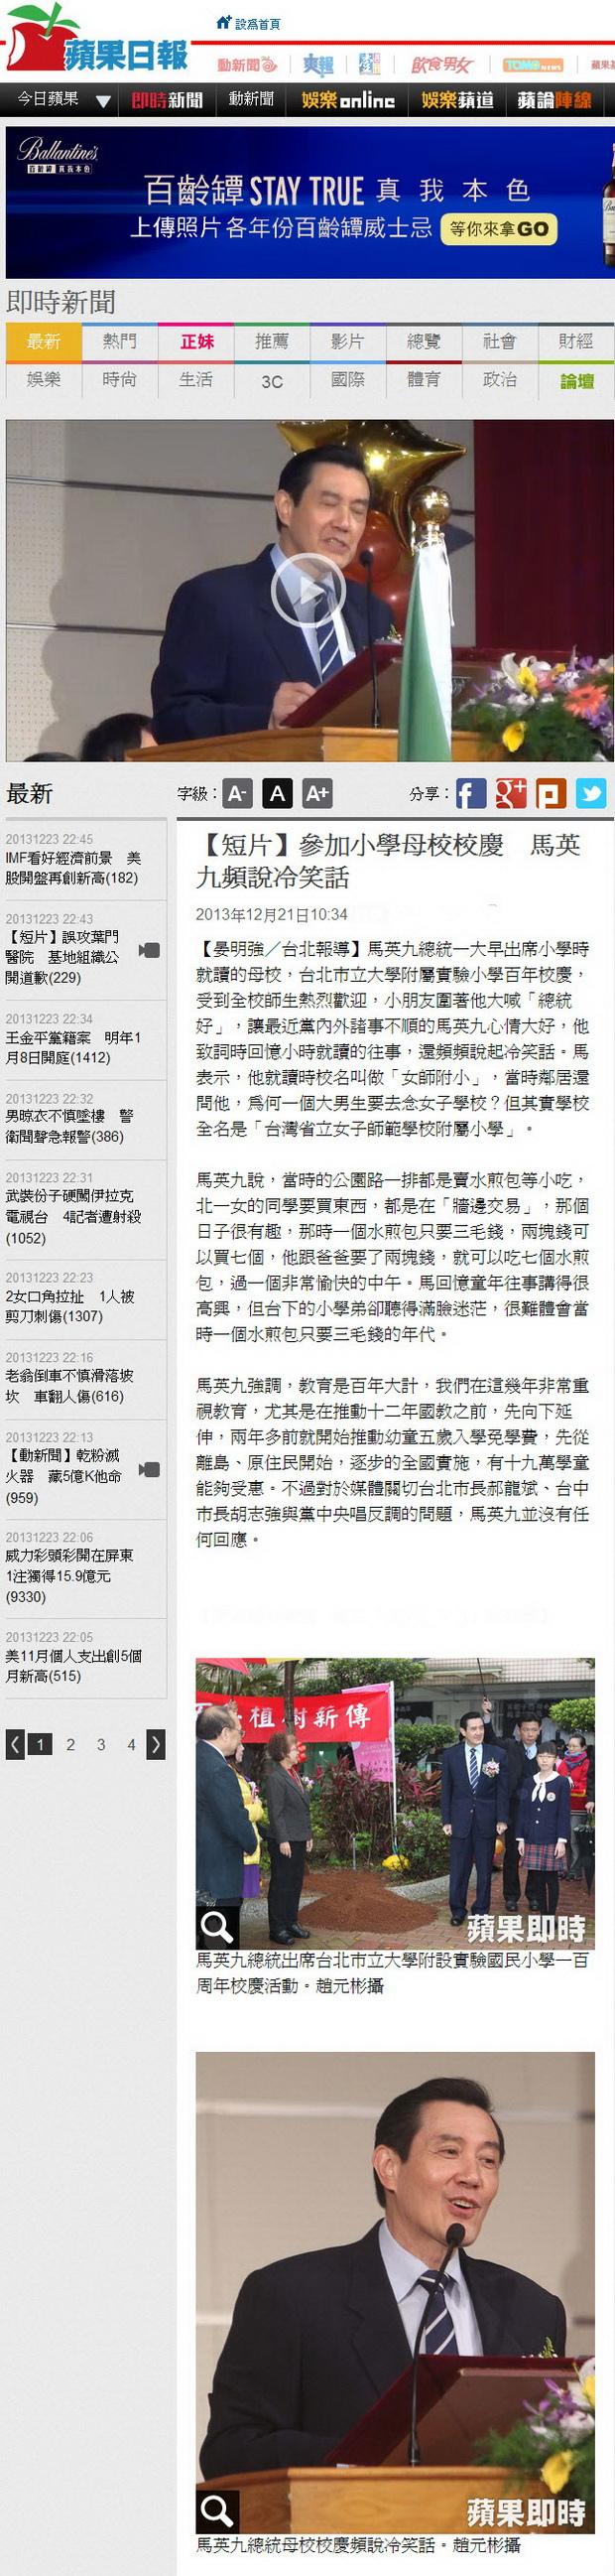 參加小學母校校慶 馬英九頻說冷笑話-2013.12.21-01.jpg